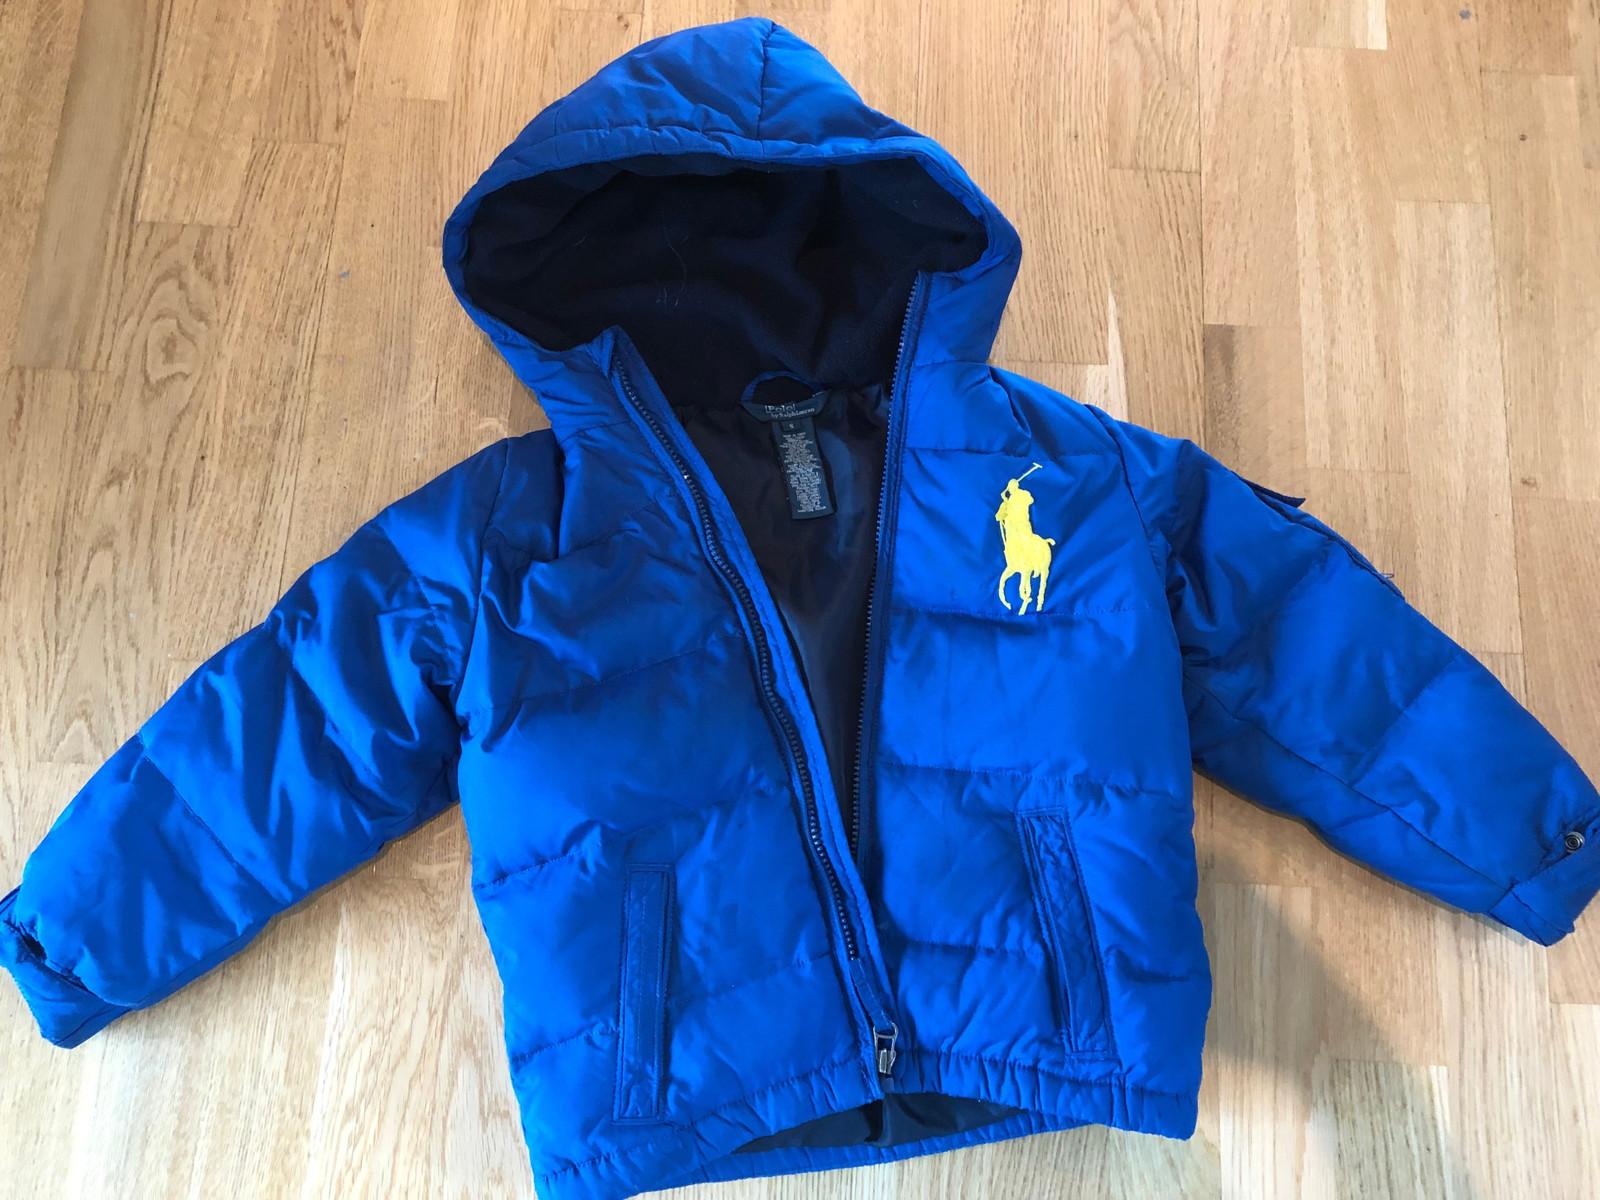 17325cd7 Polo by Ralph Lauren vinterjakke str 5 år selges kr 250,- (SOLGT) (1/20)